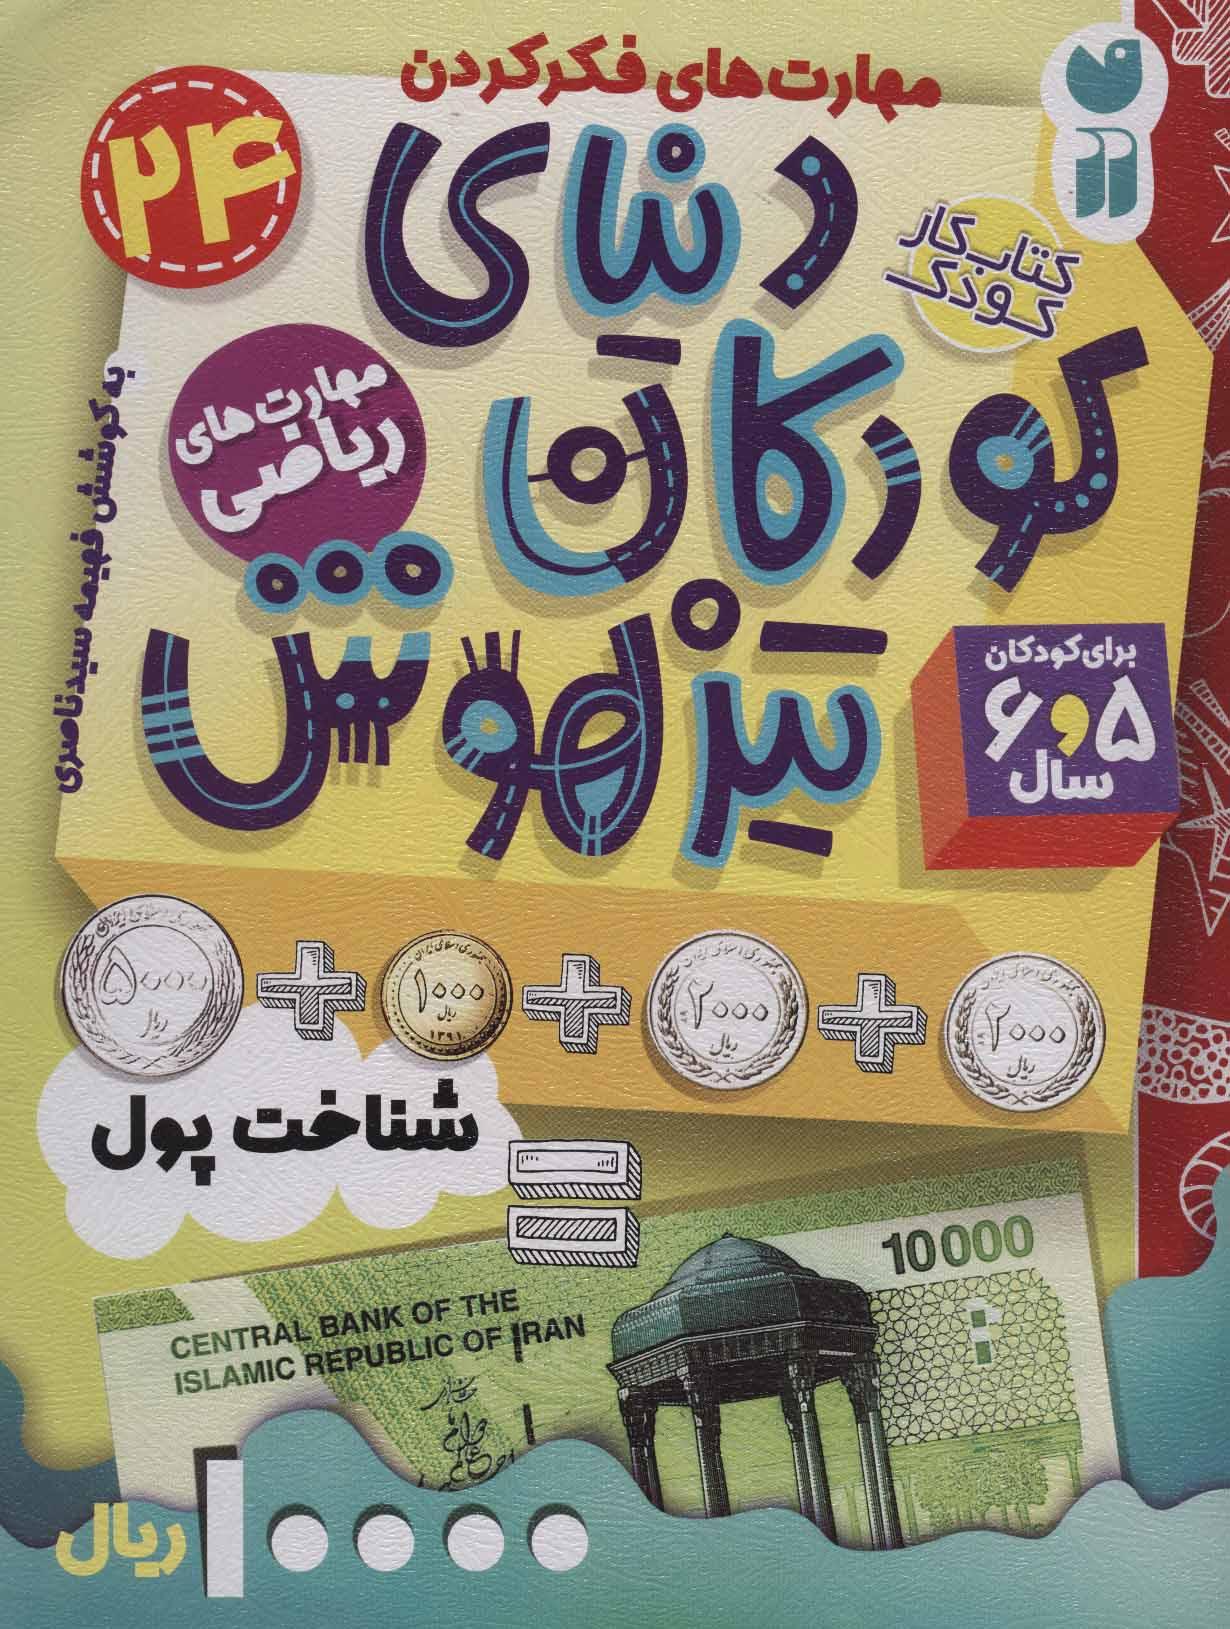 کتاب کار دنیای کودکان تیزهوش24 (مهارت های فکر کردن:شناخت پول)